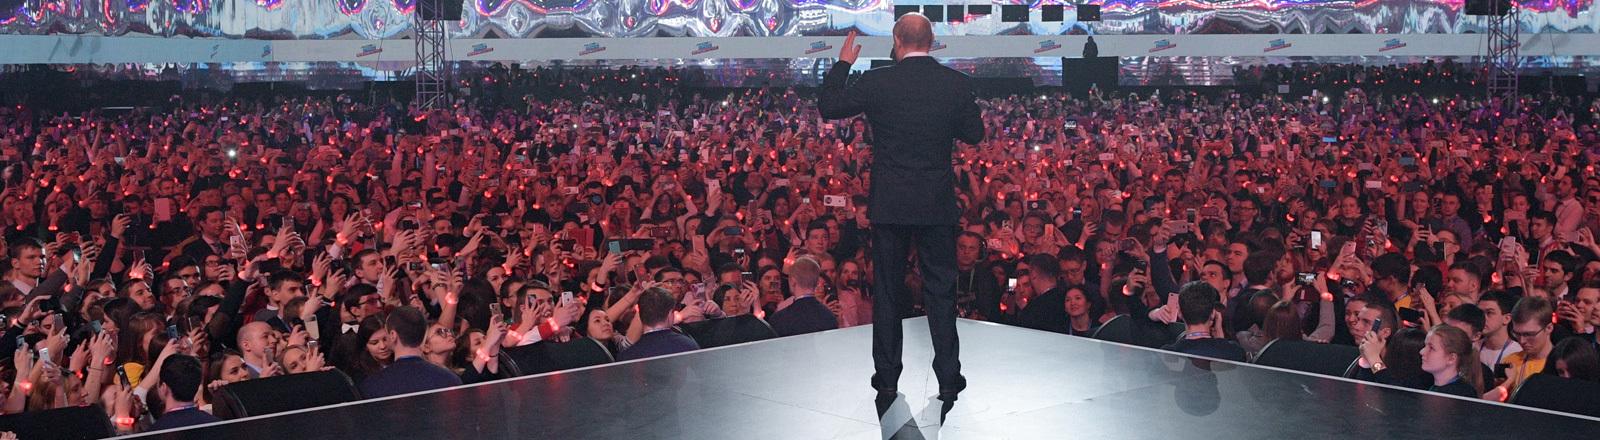 Bei einer Veranstaltung vor großem Publikum spricht Putin; er ist von hinten zu sehen, wie er spricht; Foto: dpa